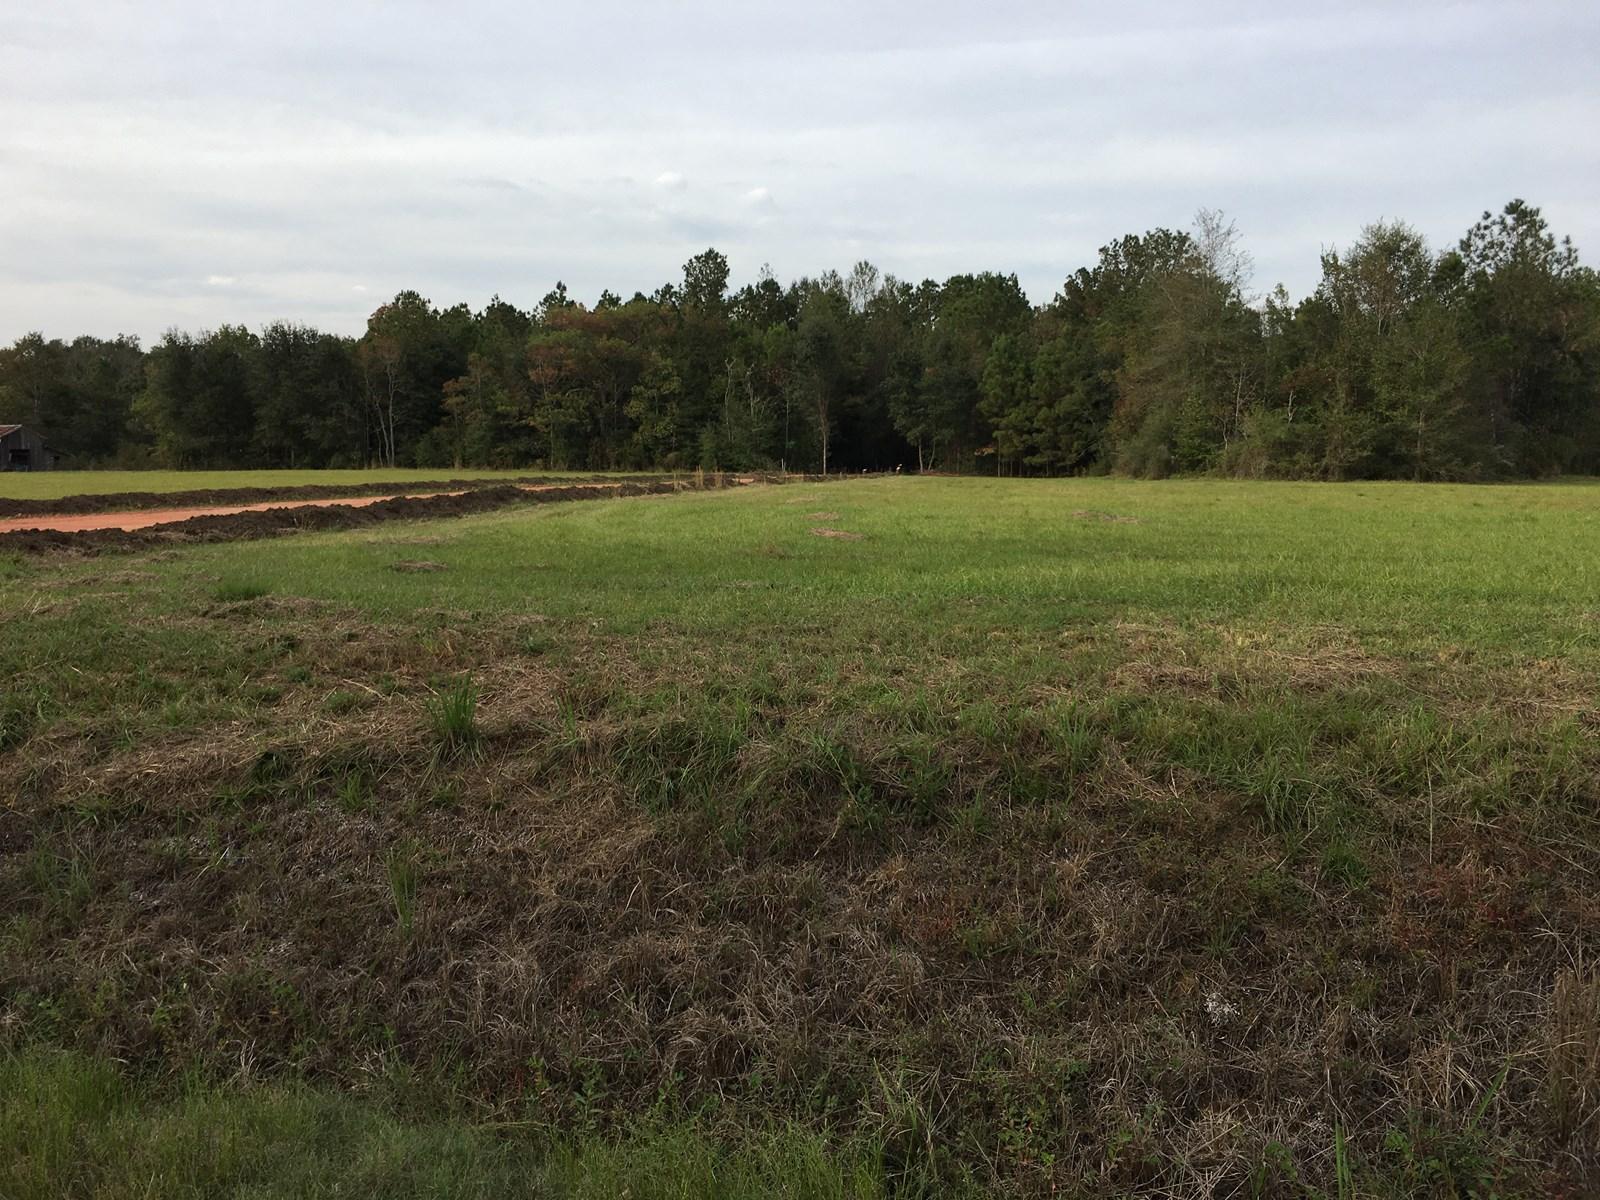 Rural Lot near City of Ponchatoula, Louisiana